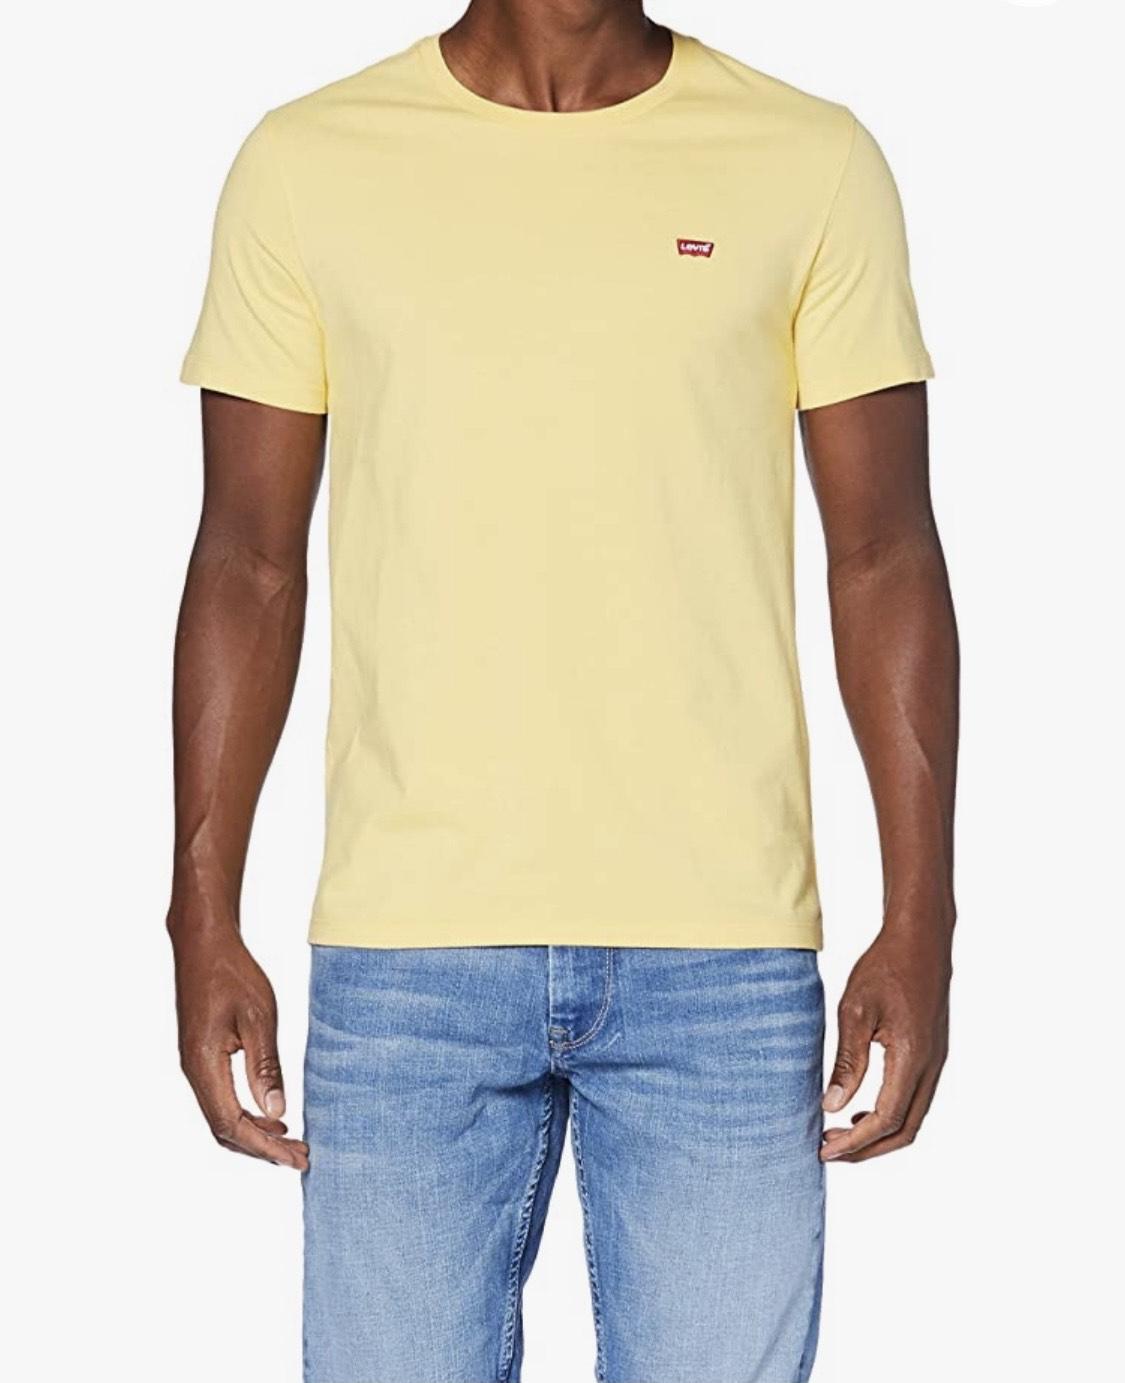 Camiseta Levi's para hombre - Disponible en todas las tallas